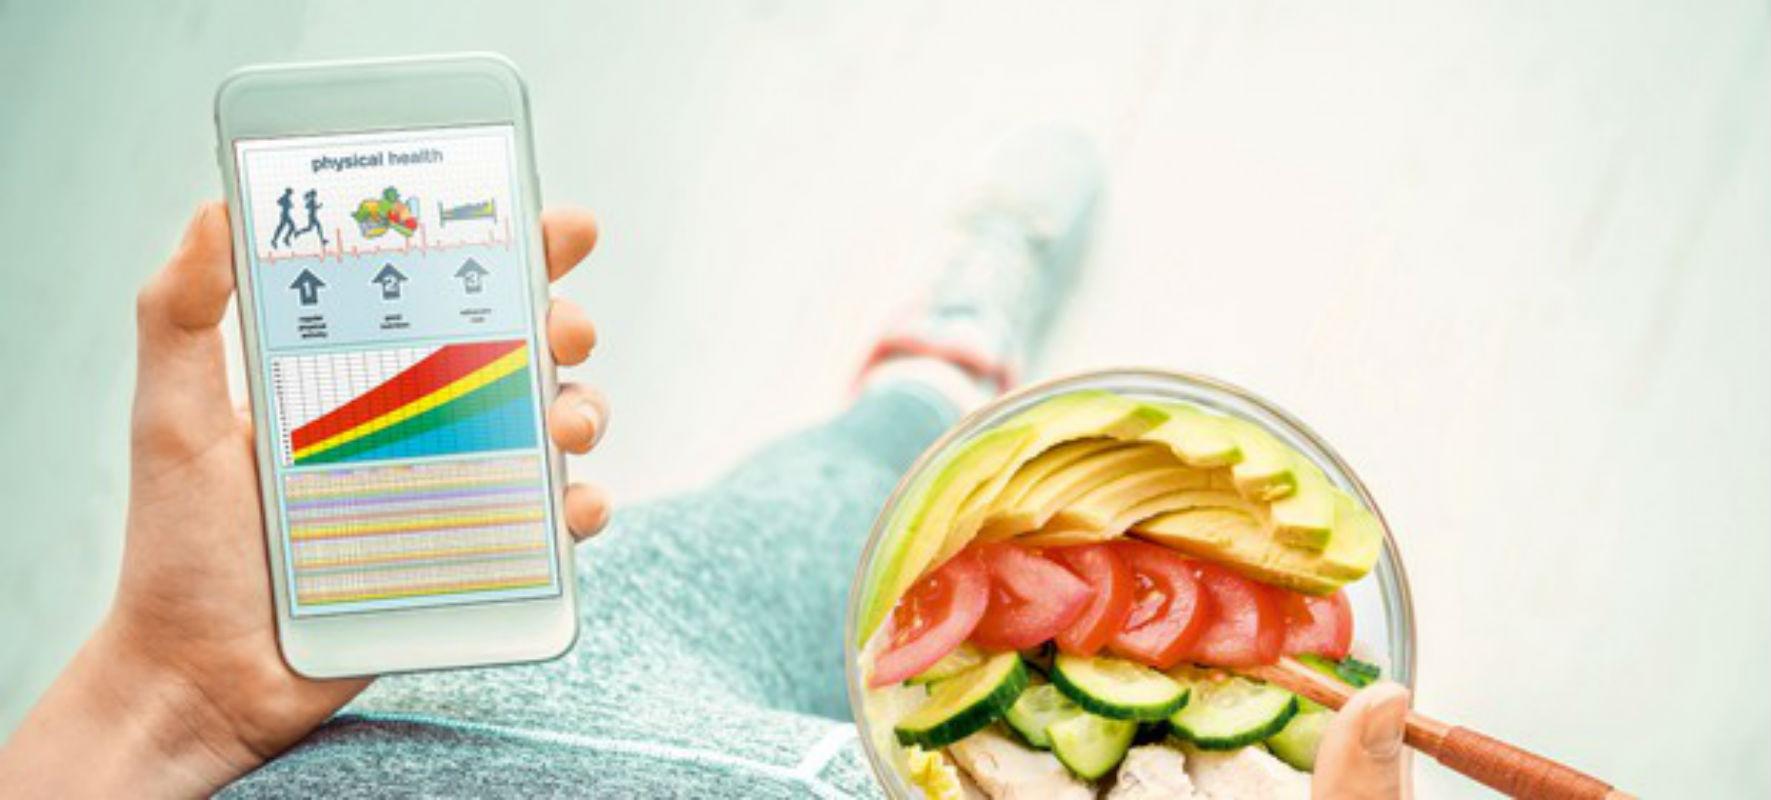 Zdrav življenjski slog s pomočjo aplikacije?